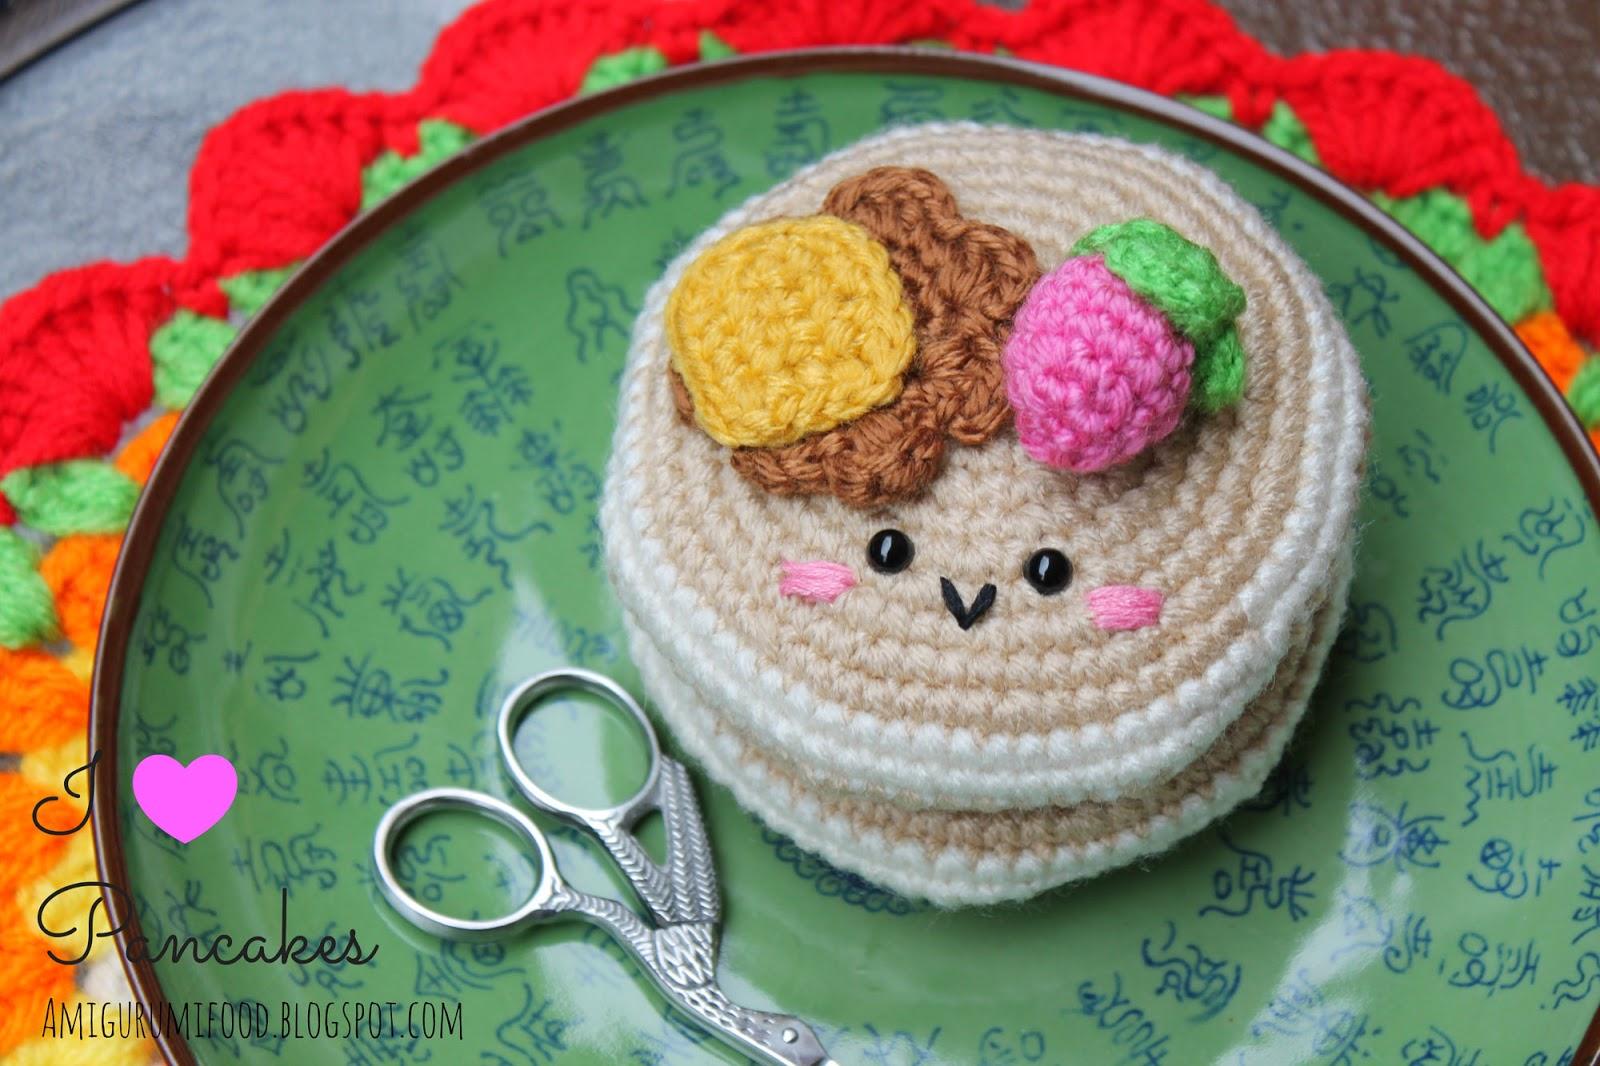 Amigurumi Patterns Free Food : Amigurumi Food: Amigurumi Pancakes Free pattern